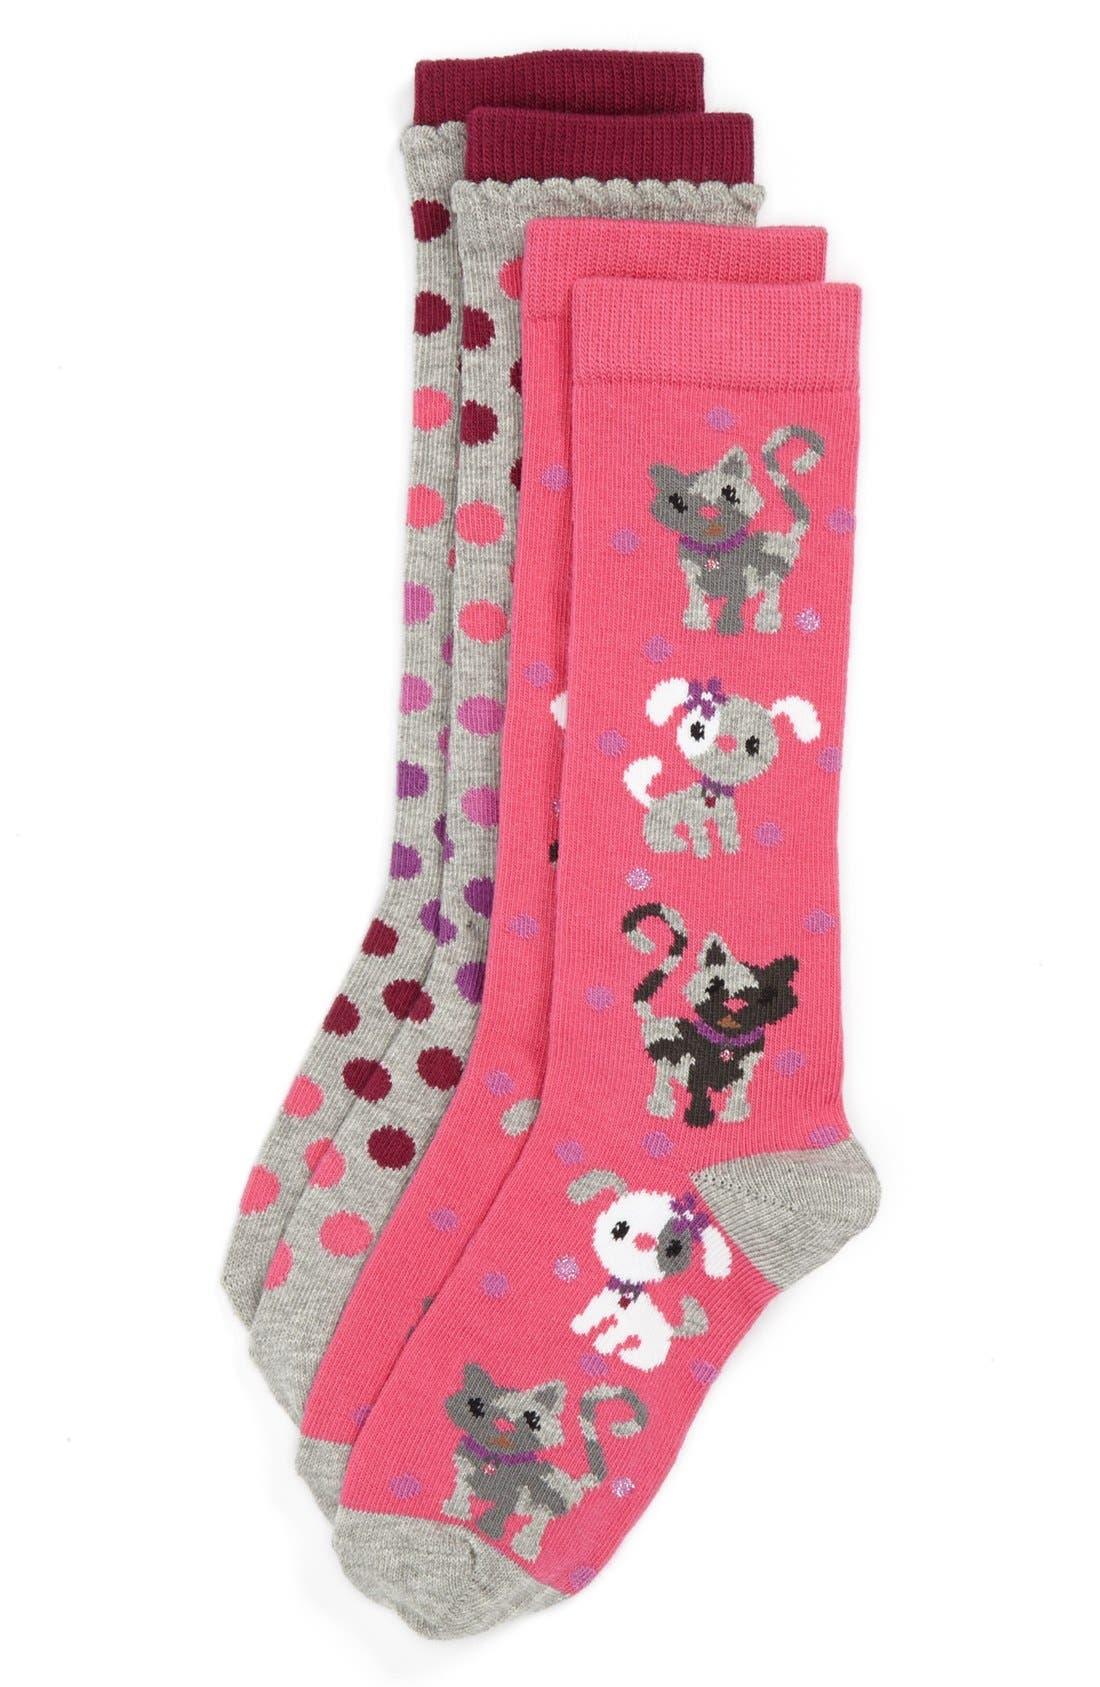 Alternate Image 1 Selected - Nordstrom 'Polka Pet' Knee High Socks (2-Pack) (Toddler Girls & Little Girls)